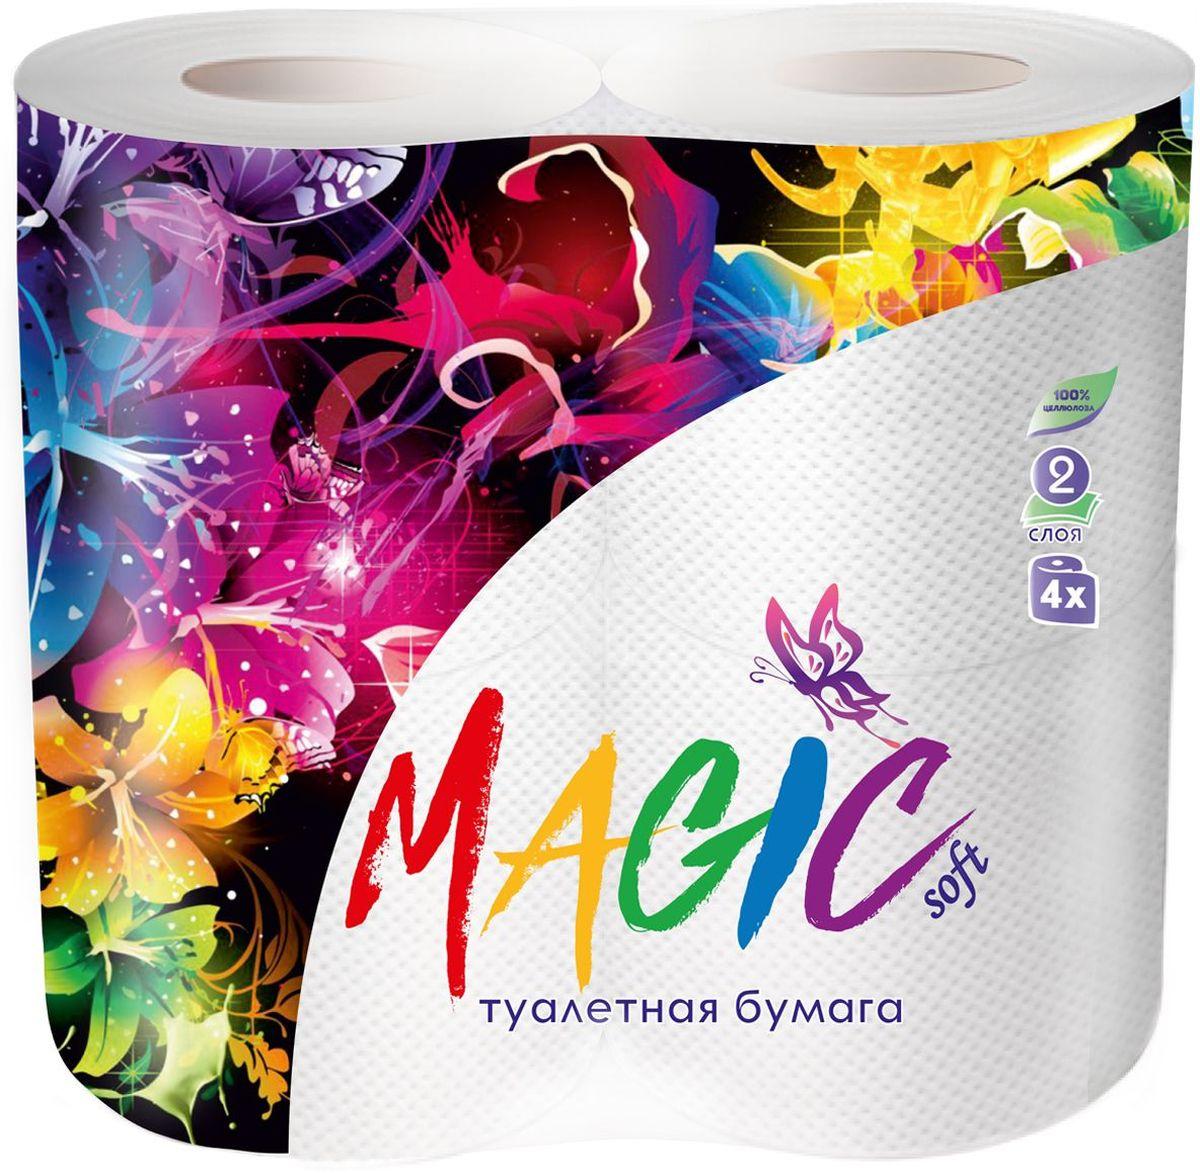 Туалетная бумага Magic Soft, цвет: белый, 4 рулона20010Для бытового и санитарно-гигиенического назначения. Одноразового использования.